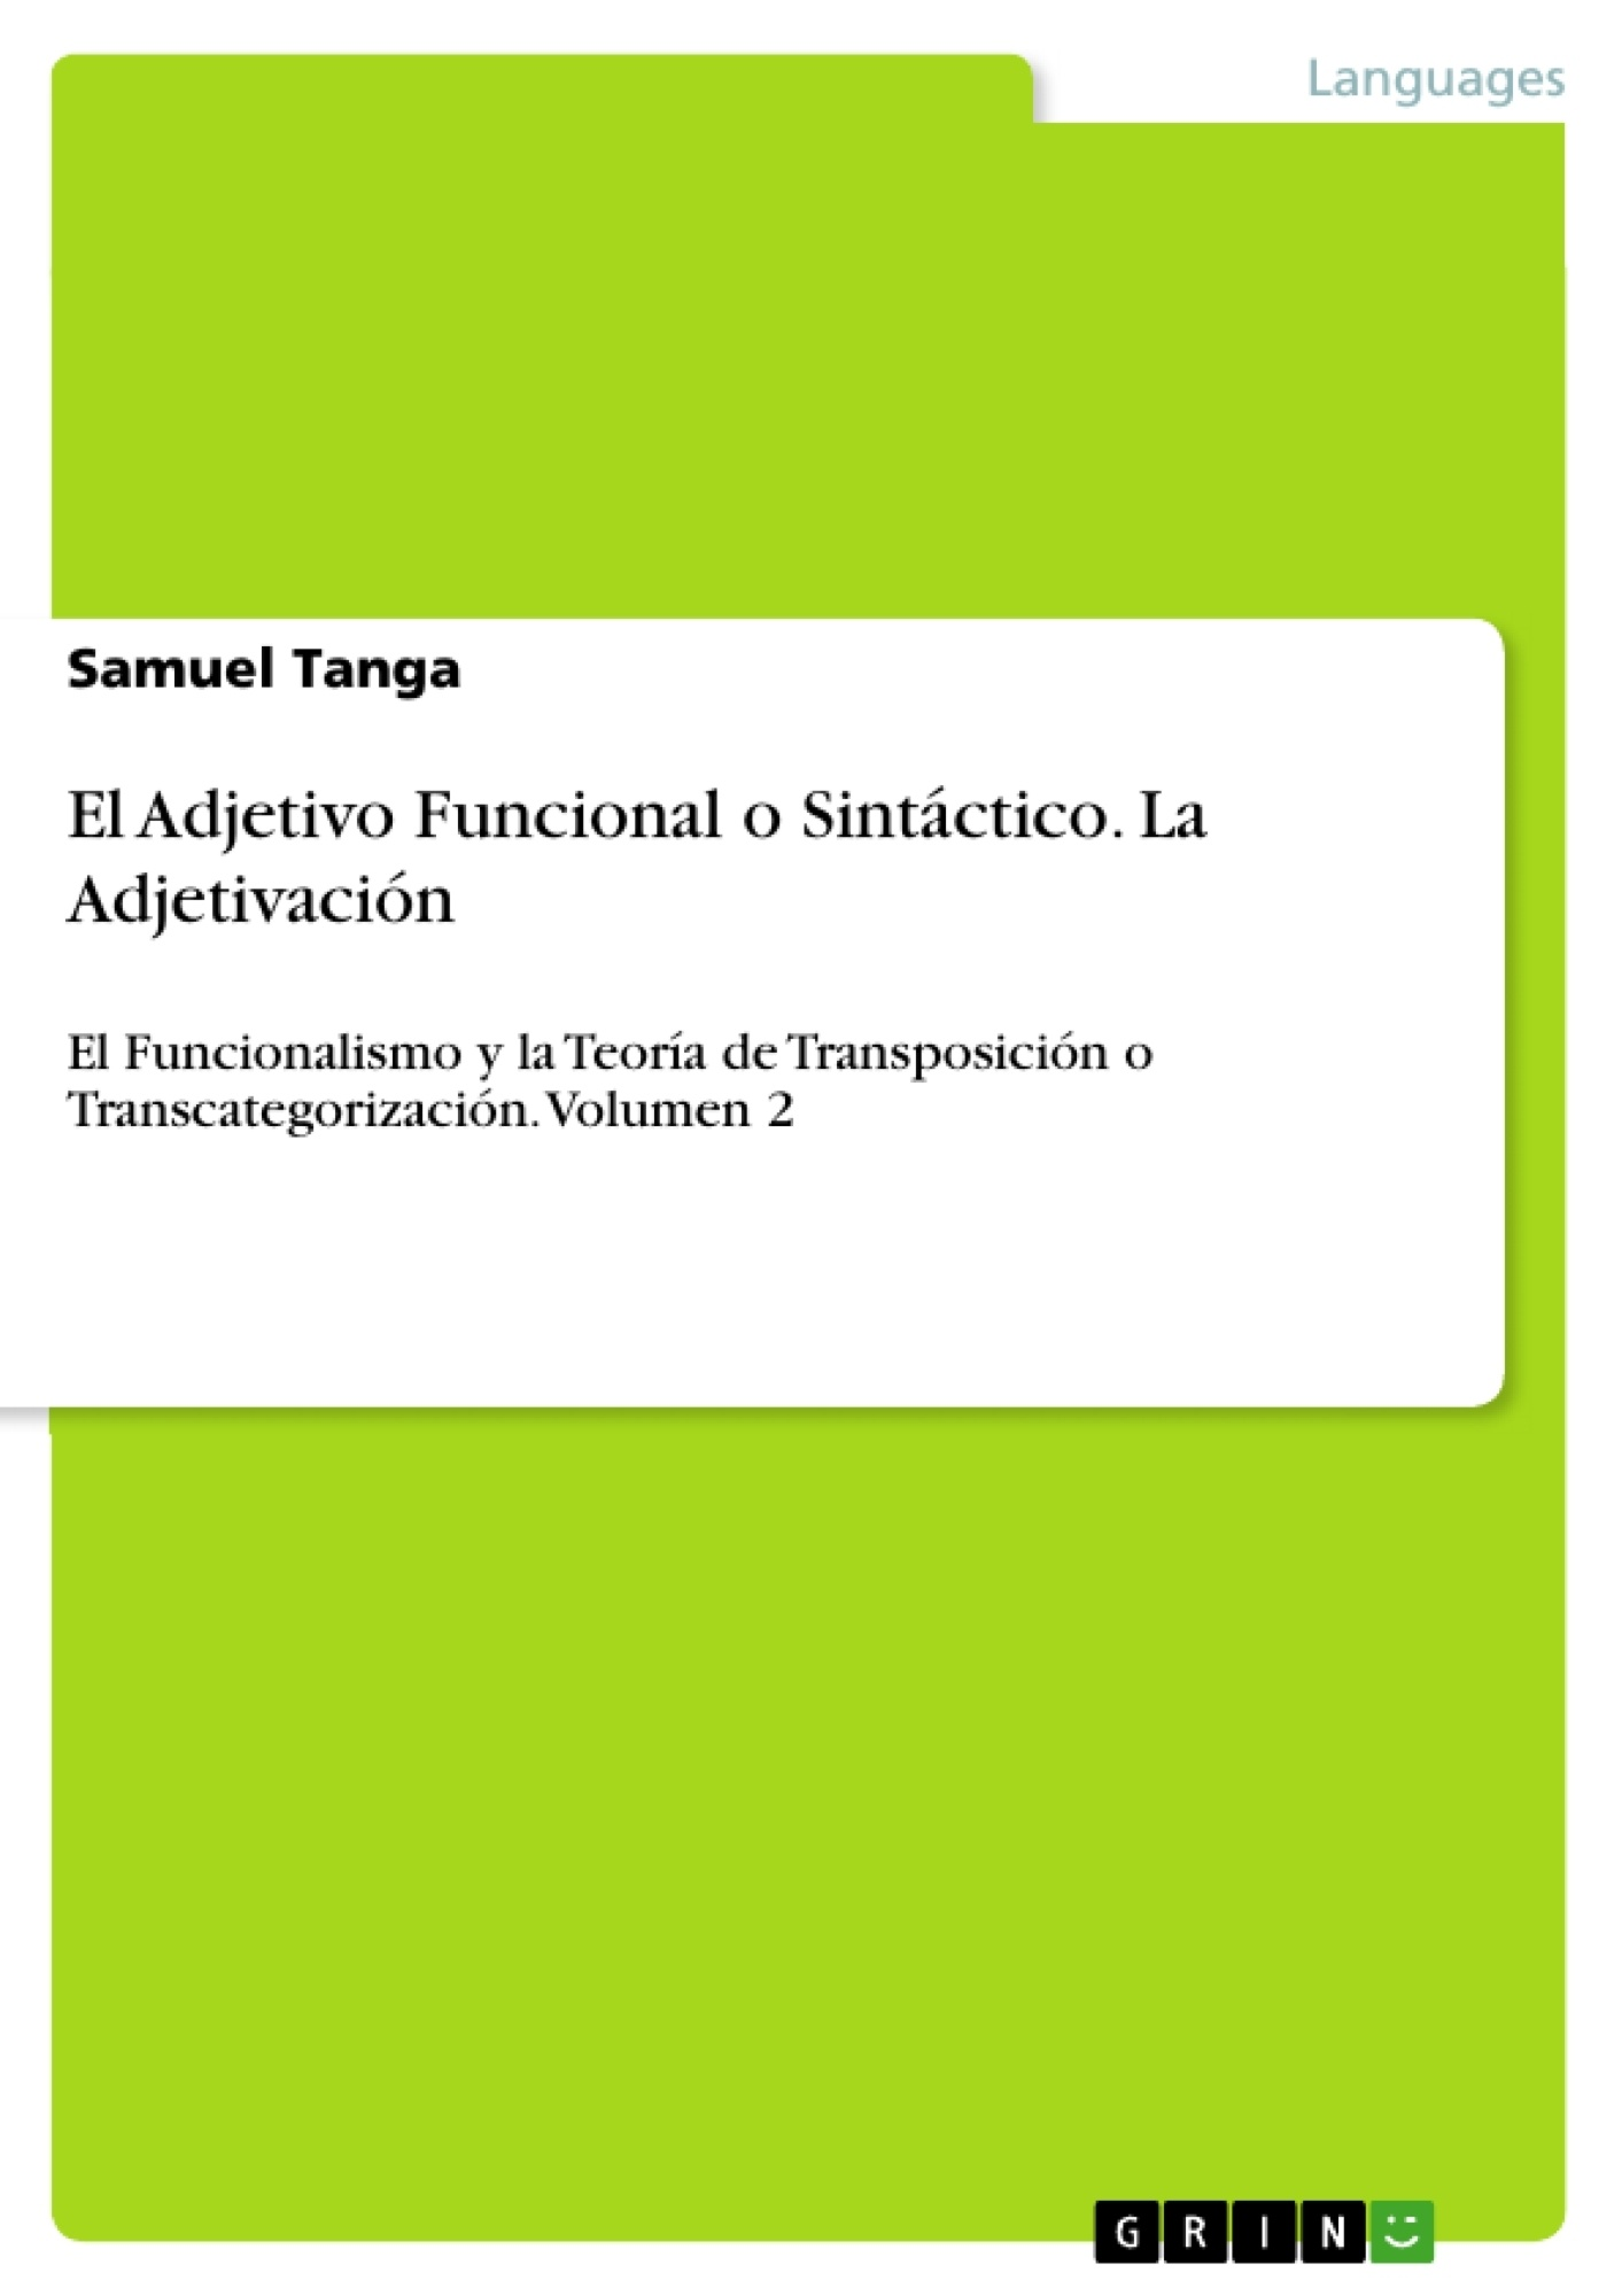 Título: El Adjetivo Funcional  o Sintáctico. La Adjetivación